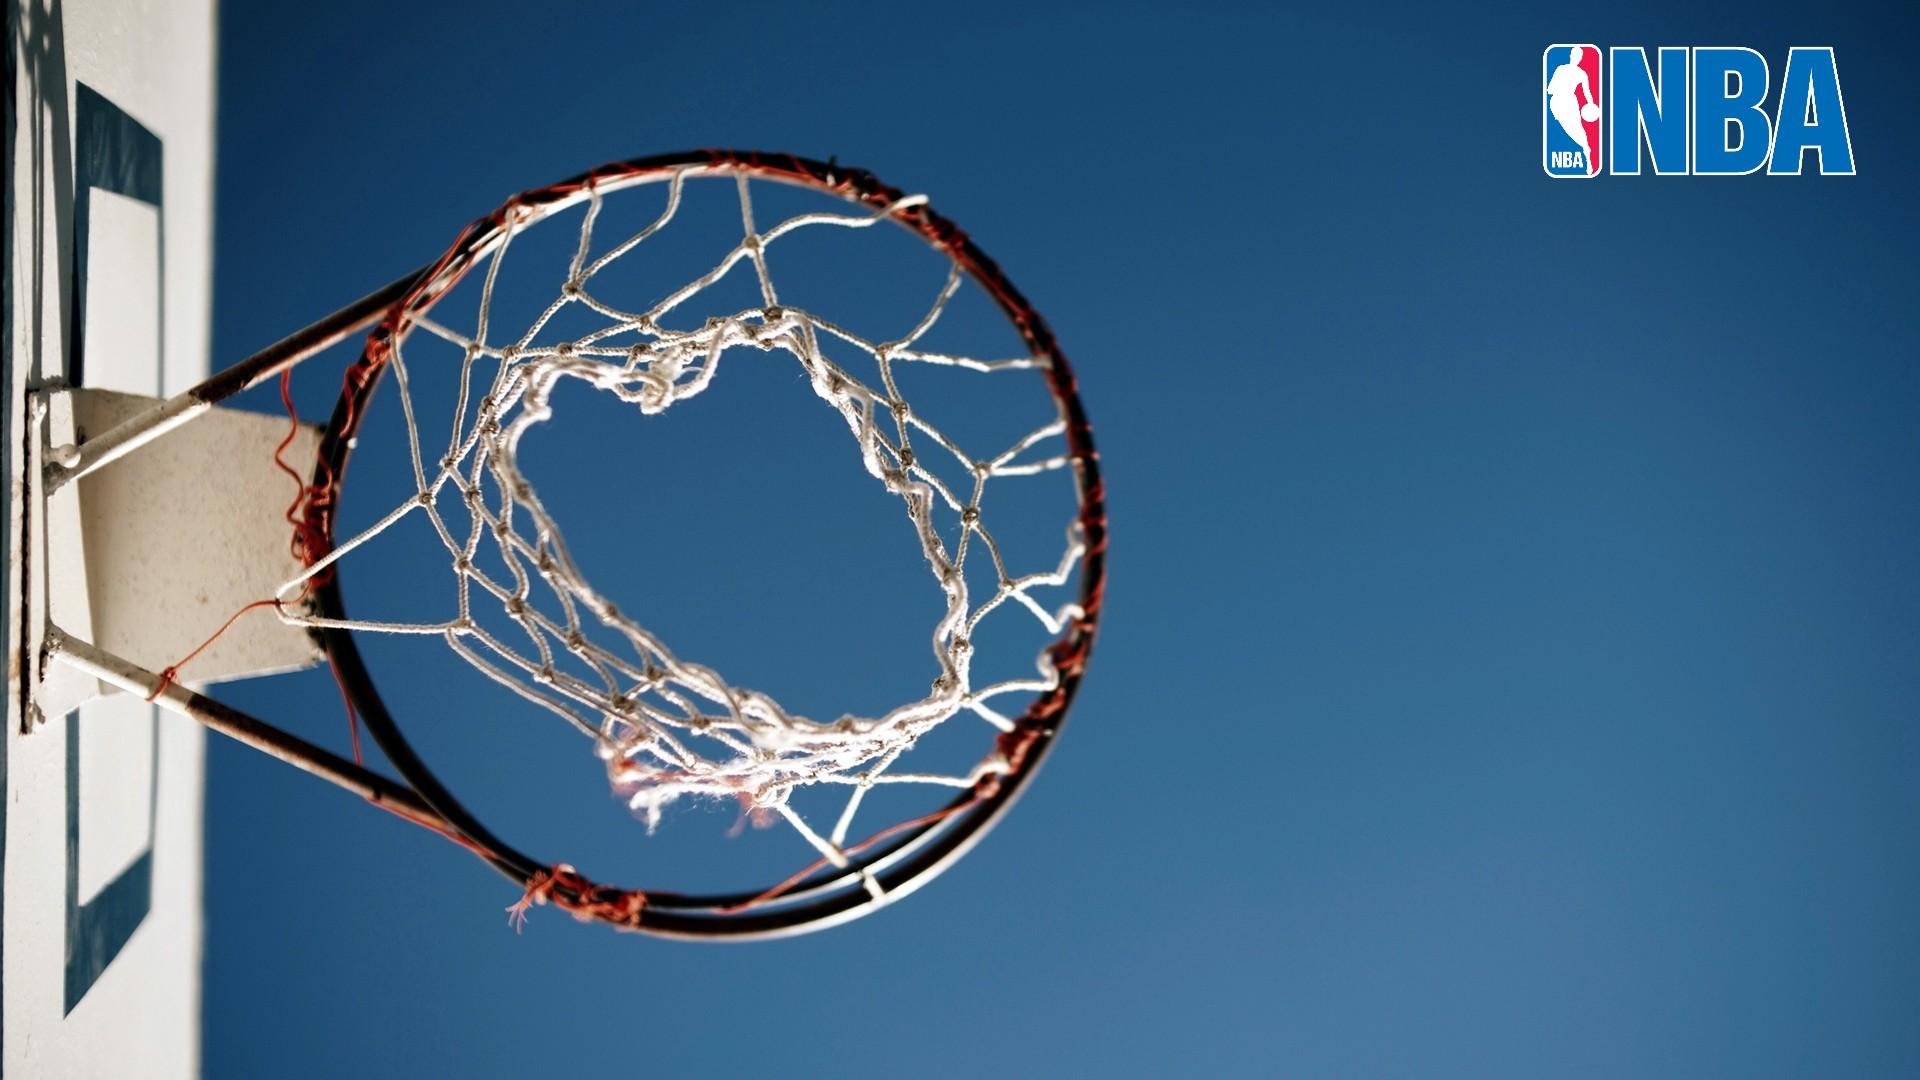 Basketball Court Desktop Wallpaper 2019 Basketball Wallpaper 1920x1080